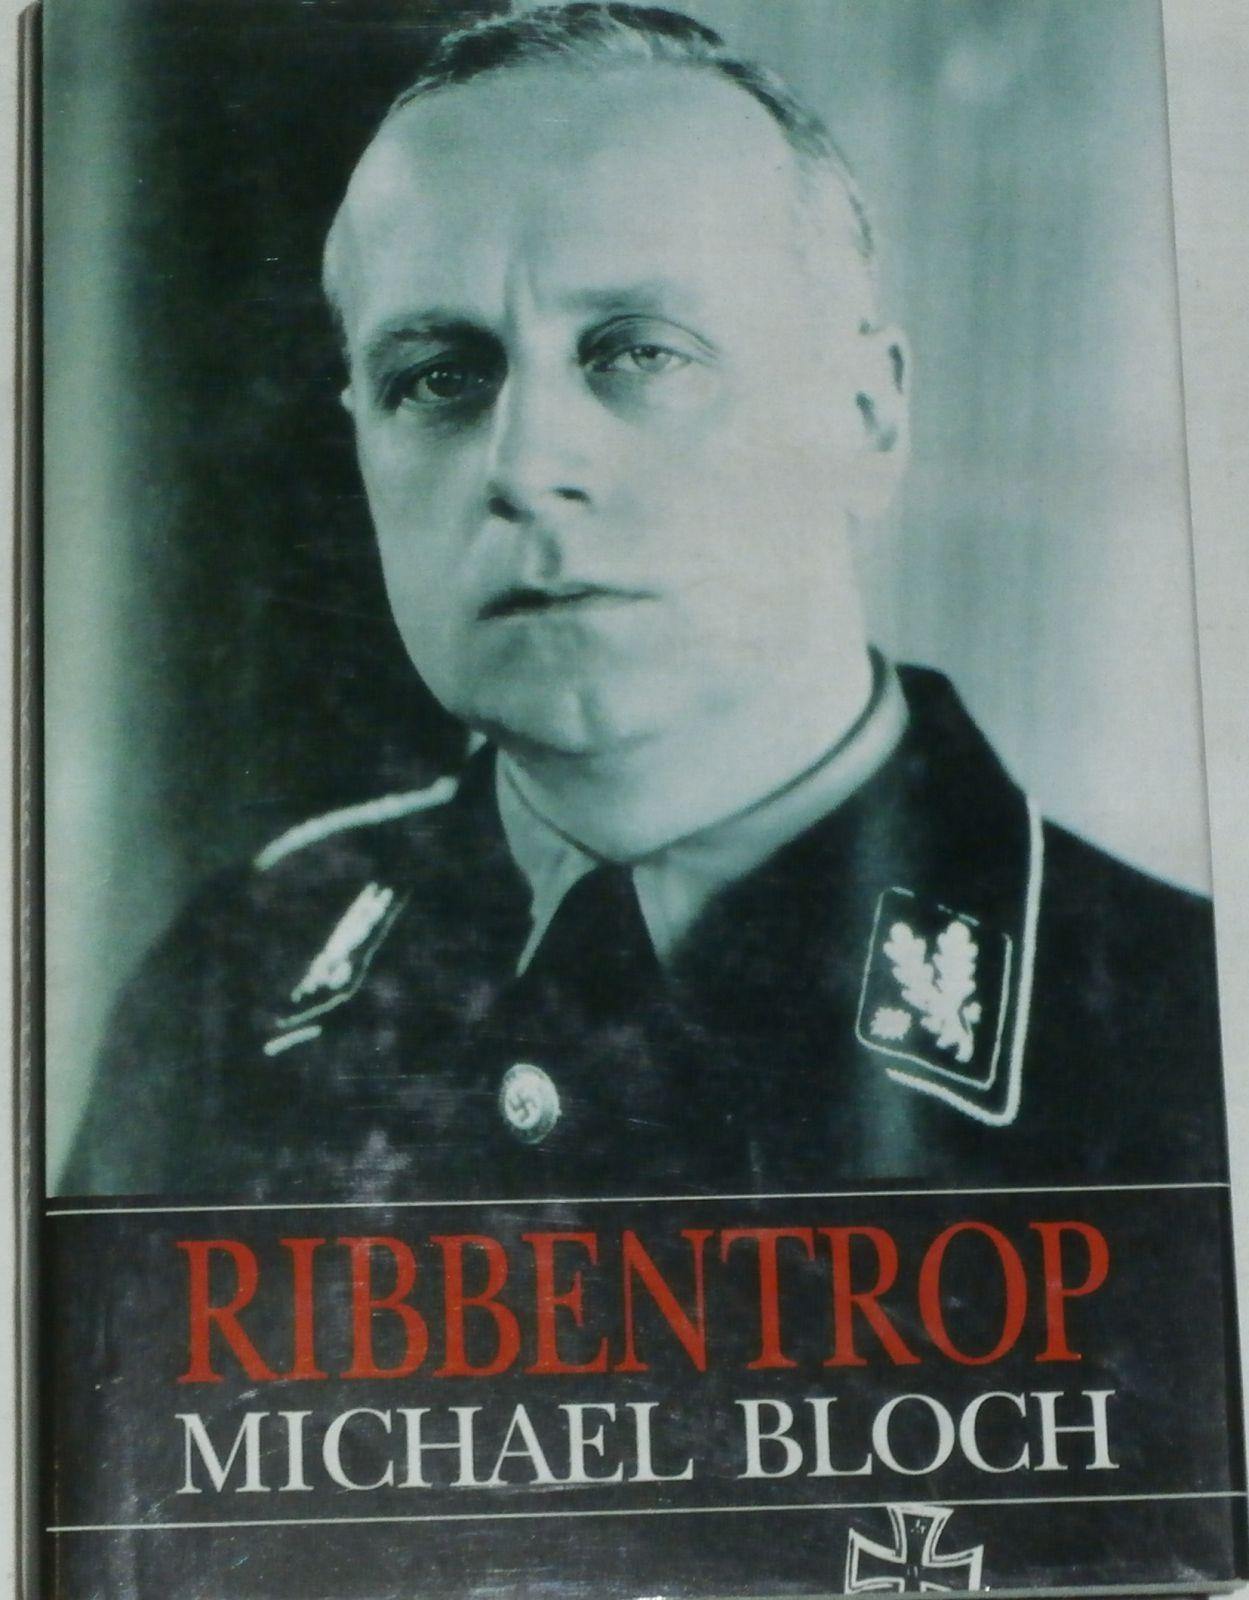 Bloch Michael - Ribbentrop